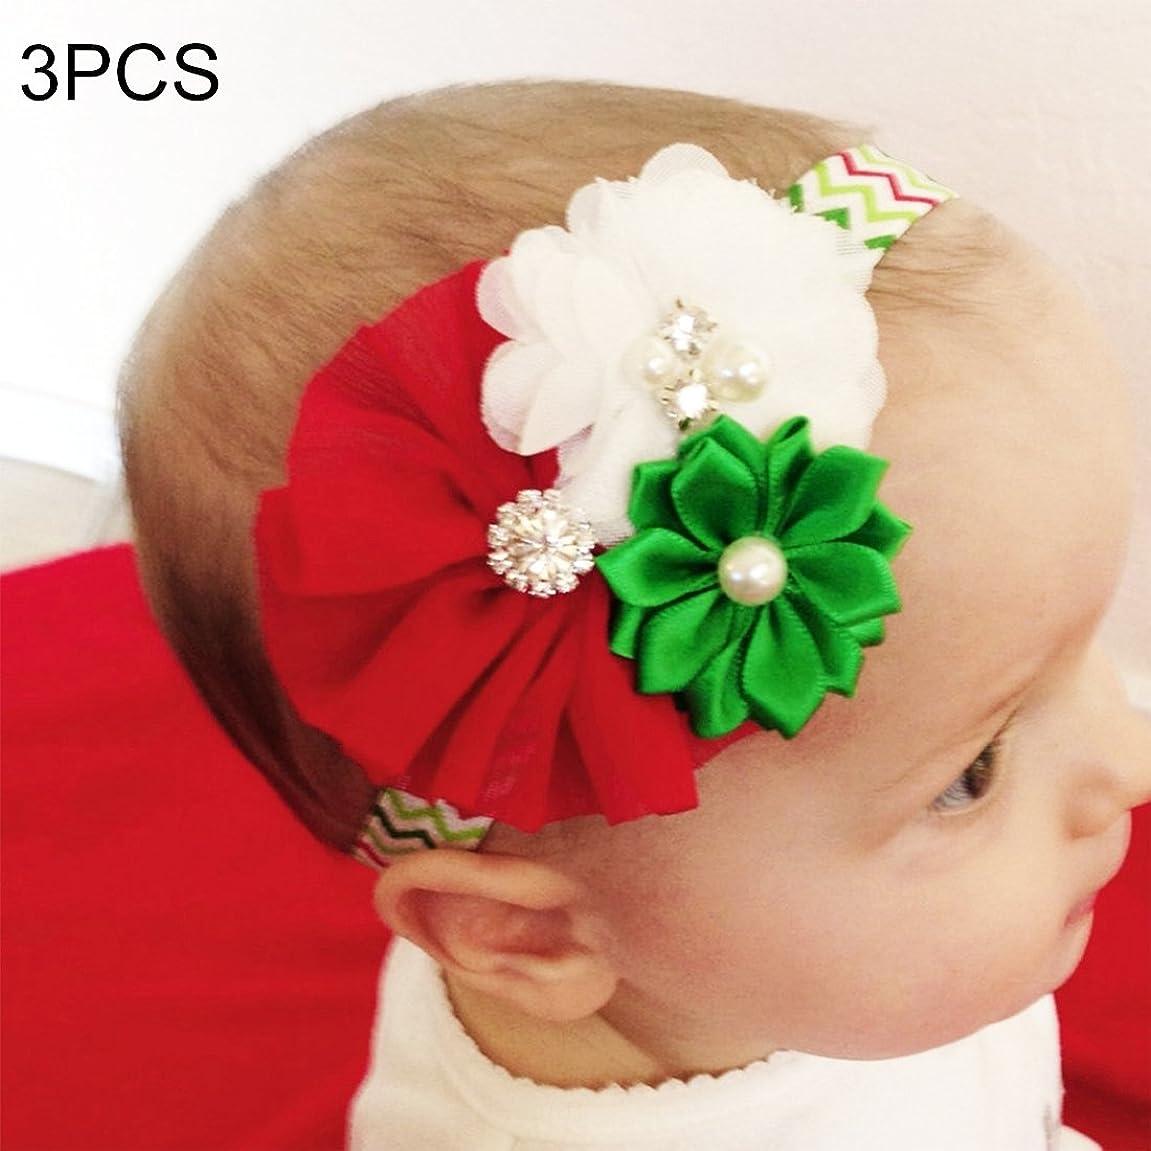 反逆者寛容年齢フラワーヘアピンFlowerHairpin YHM 3ピースクリスマスデコレーション赤ちゃん子供シフォンフラワーヘッドバンド、西部子供休日ドレス飾り、ランダムスタイル配信